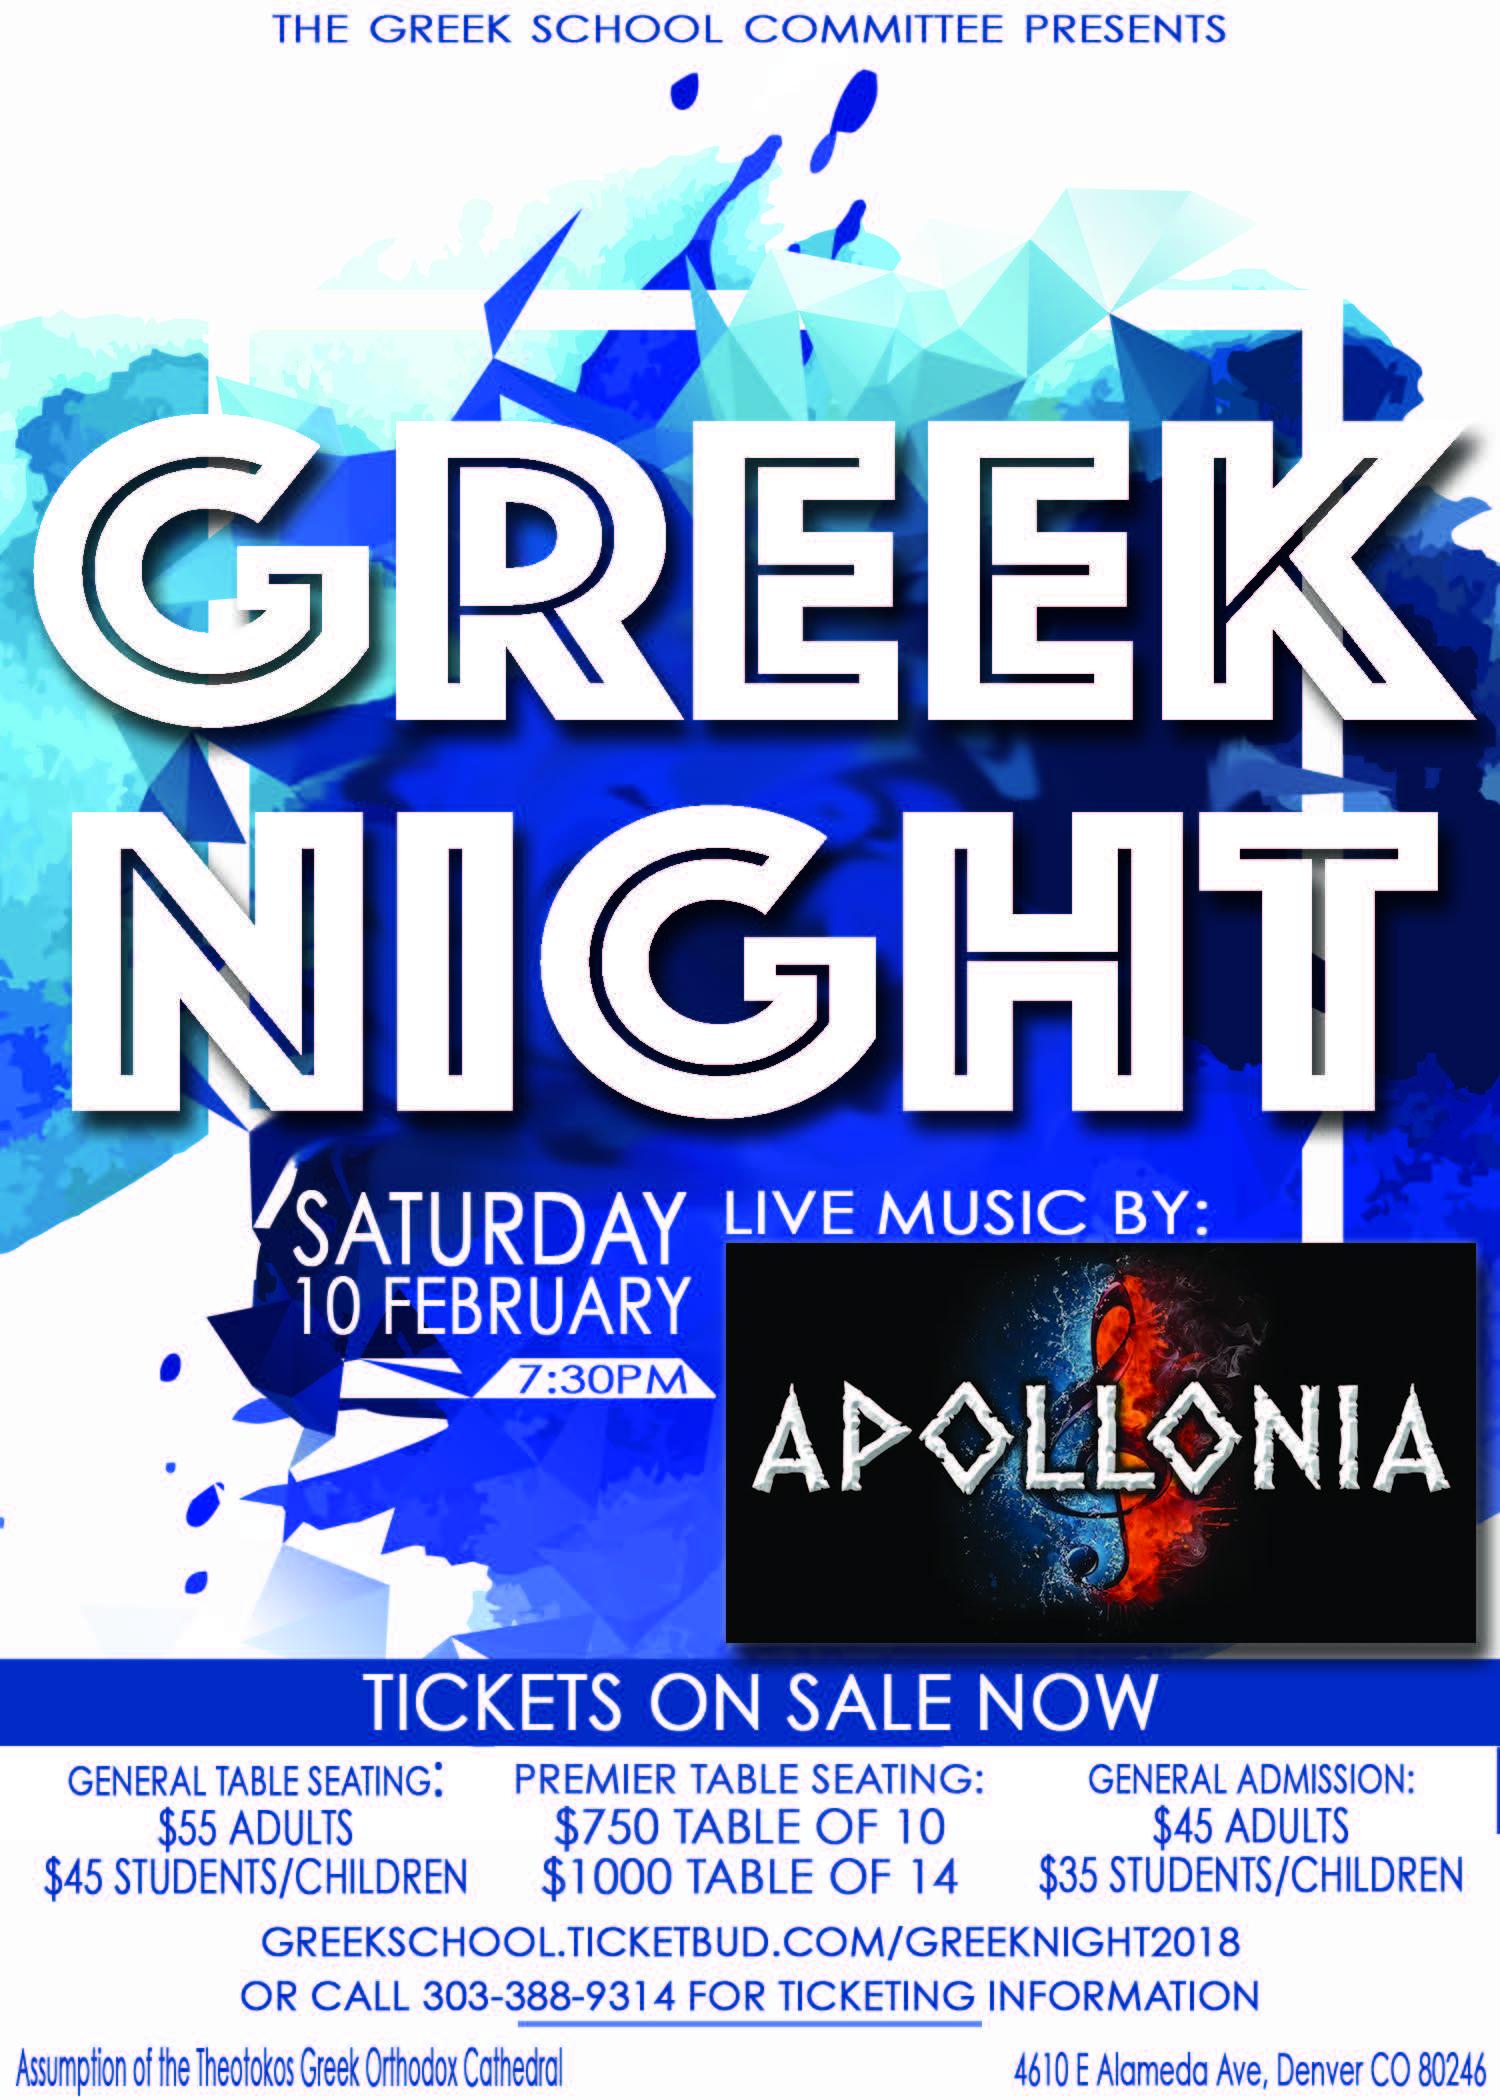 DenGreek Night Apollonia No stamp.jpg